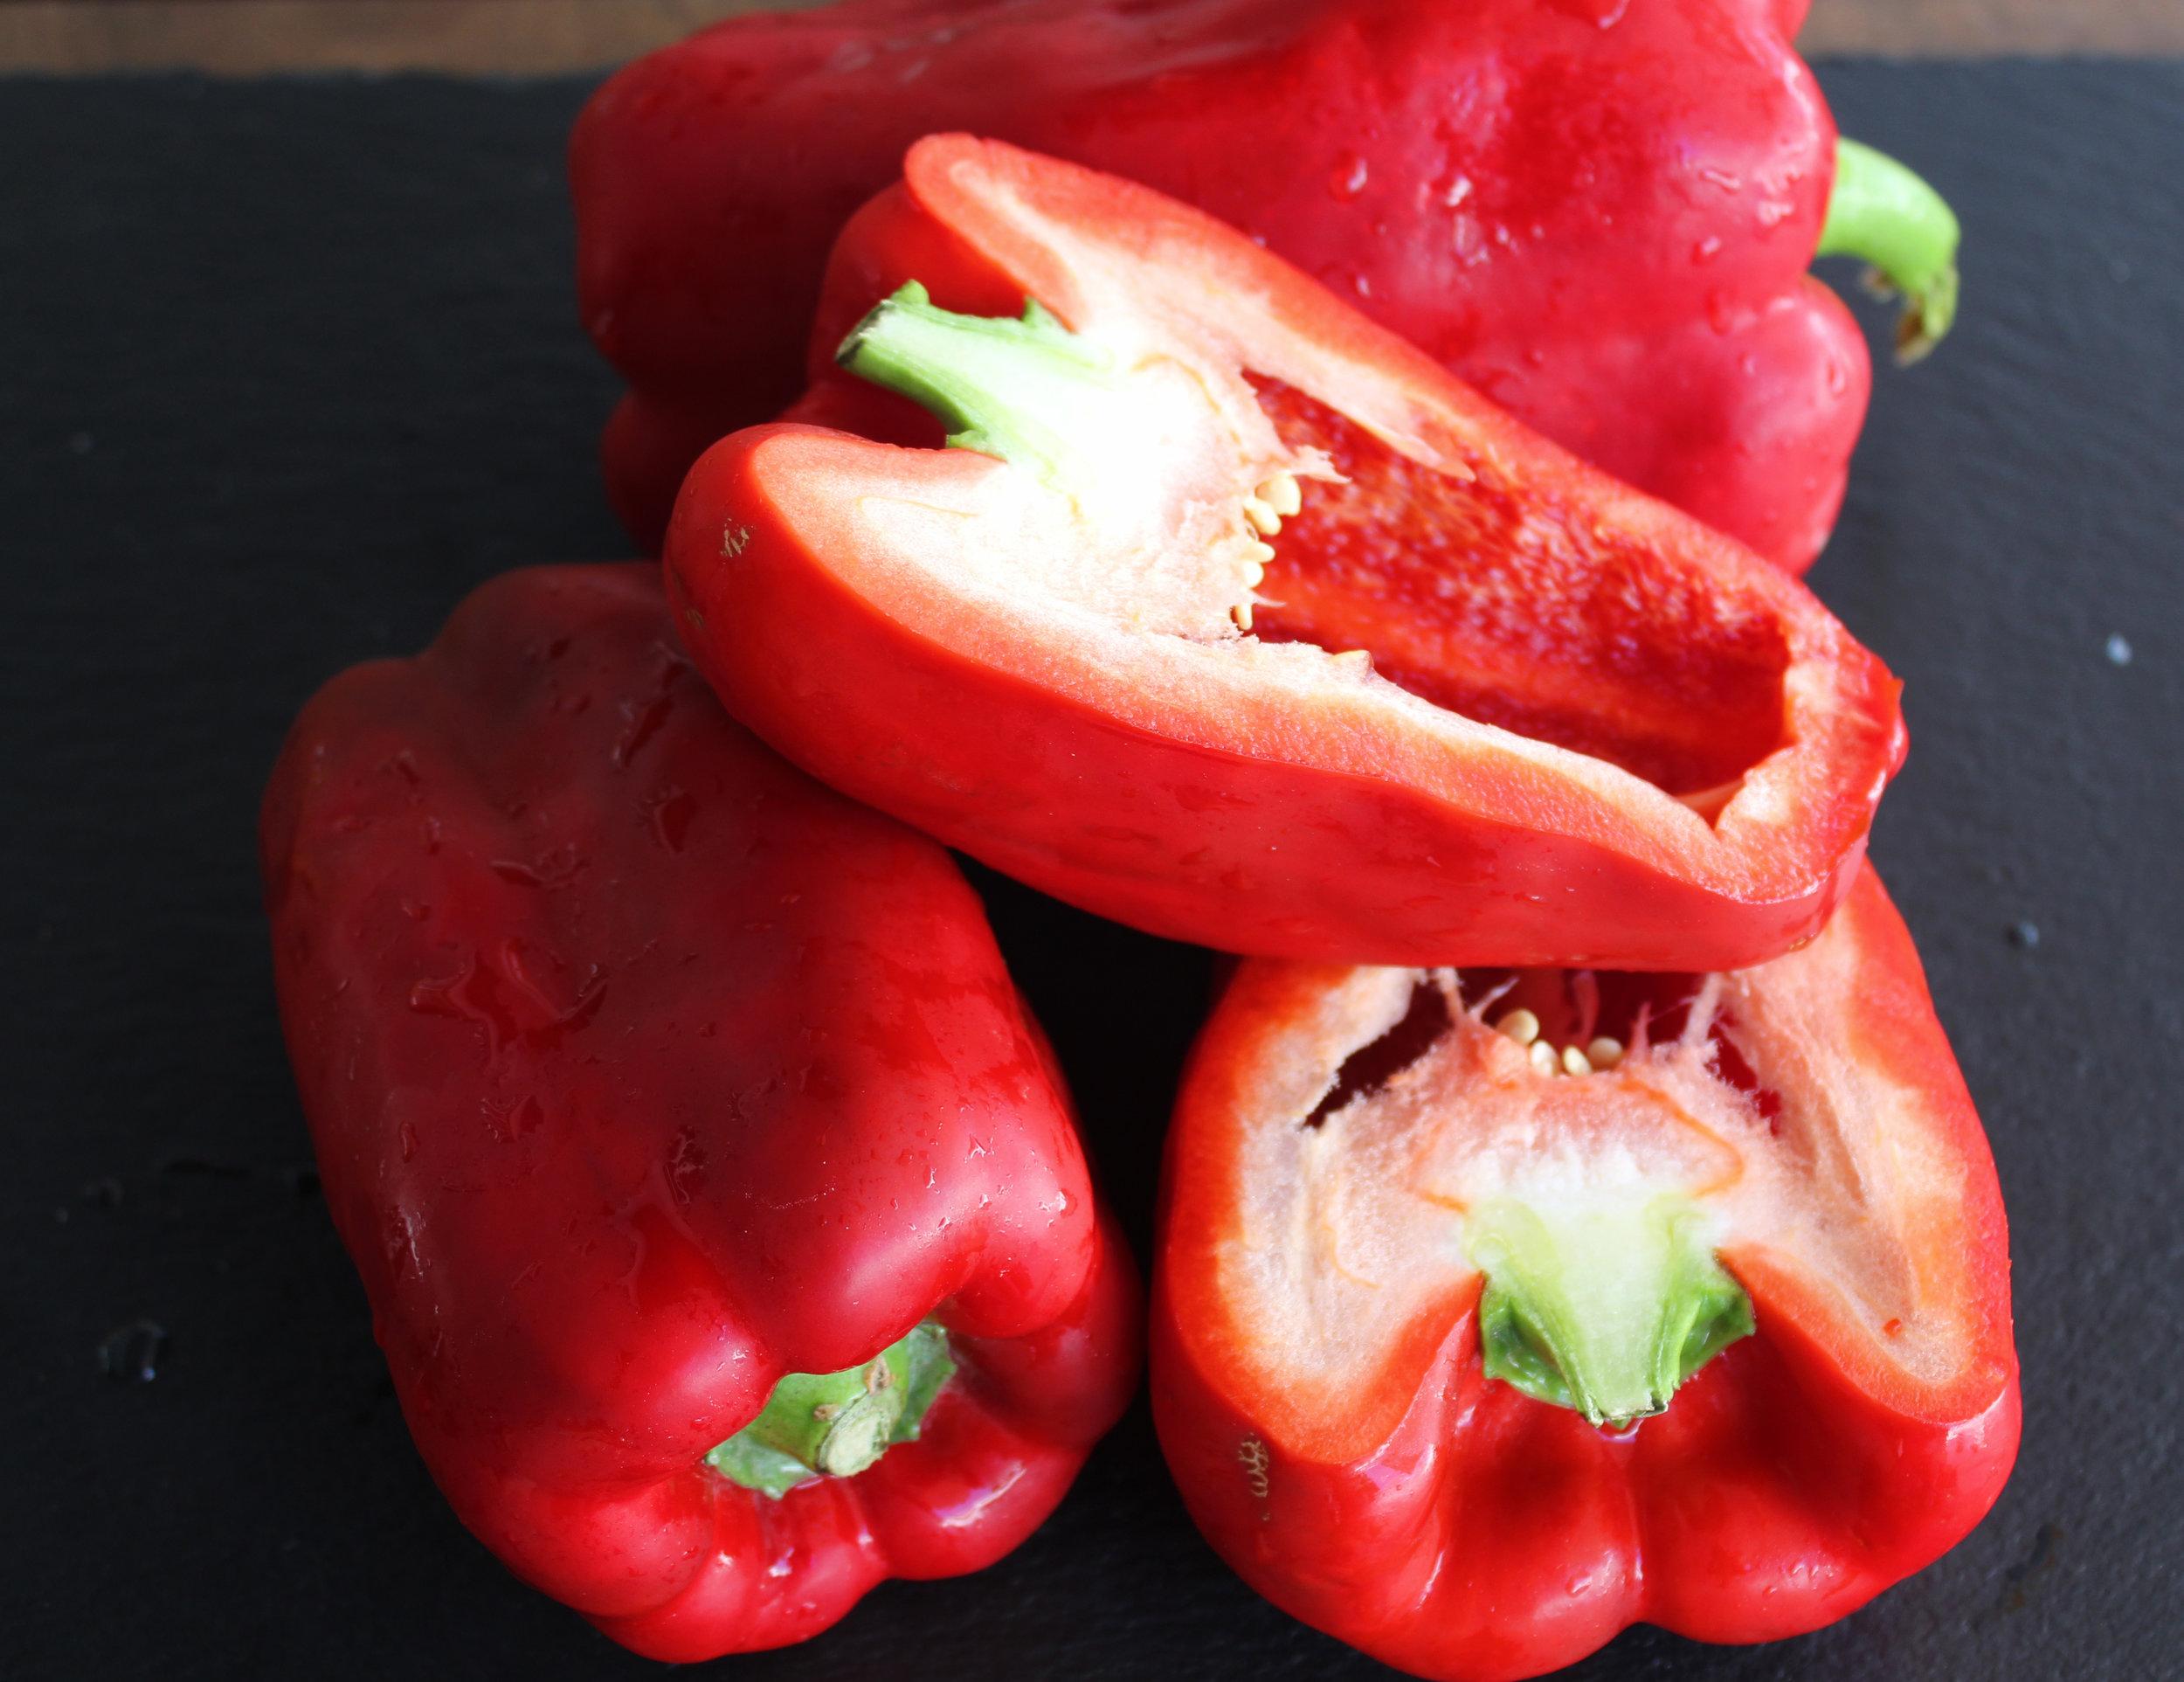 Pimentos Vermelhos 1.jpg